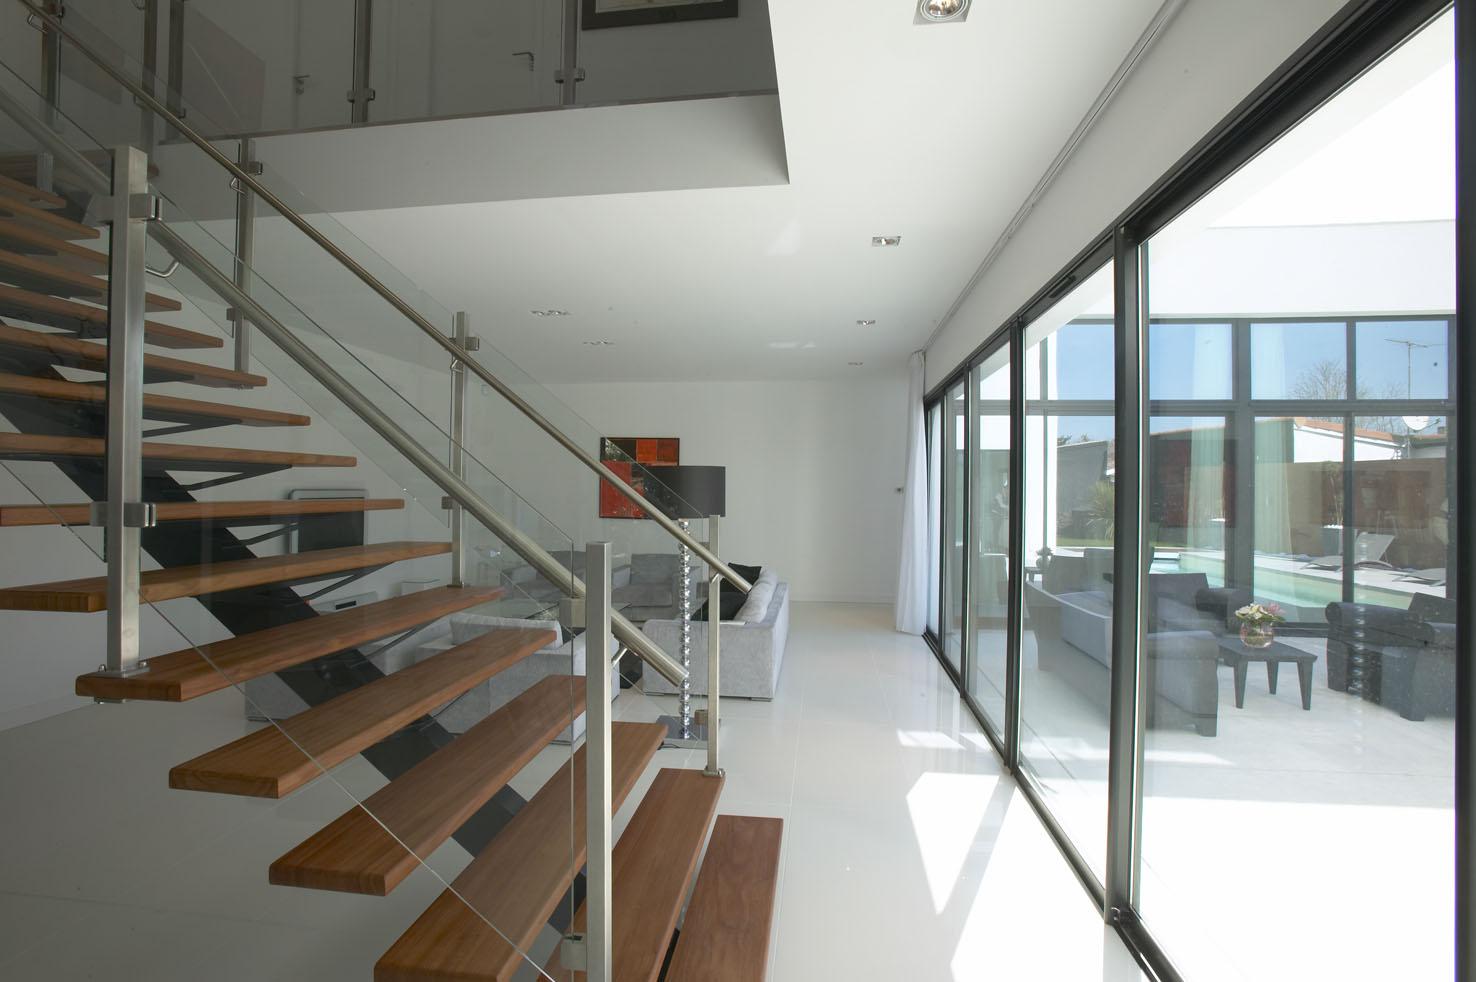 Maison contemporaine pessac pascal rigaud architecte for Definition architecte dplg